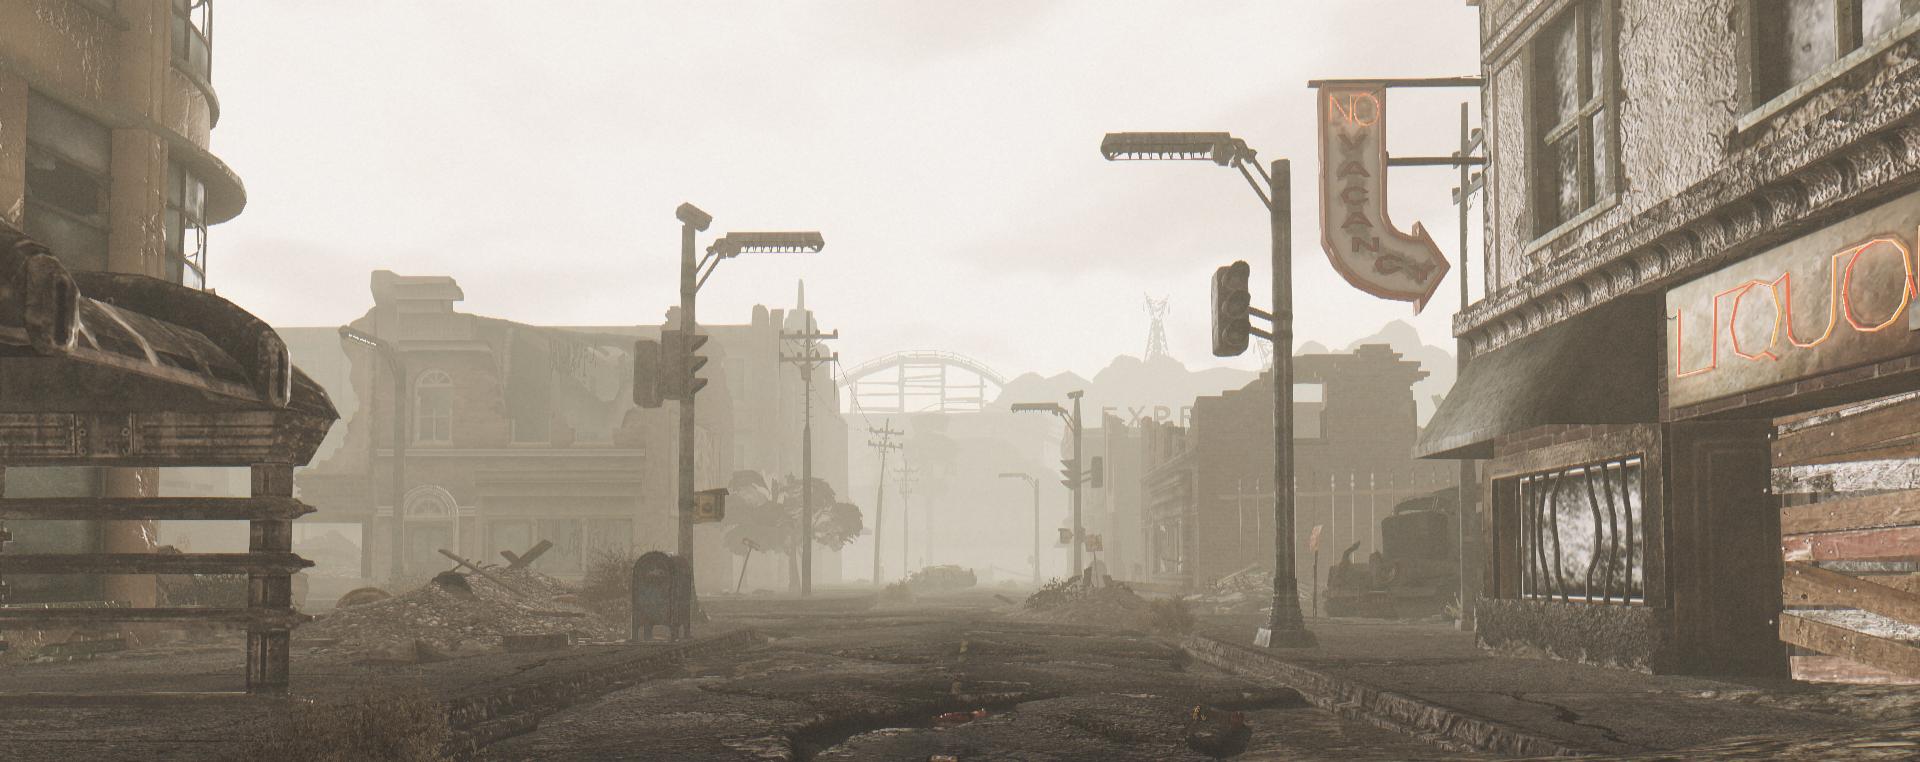 FalloutNV exe DX9 20161126 20515